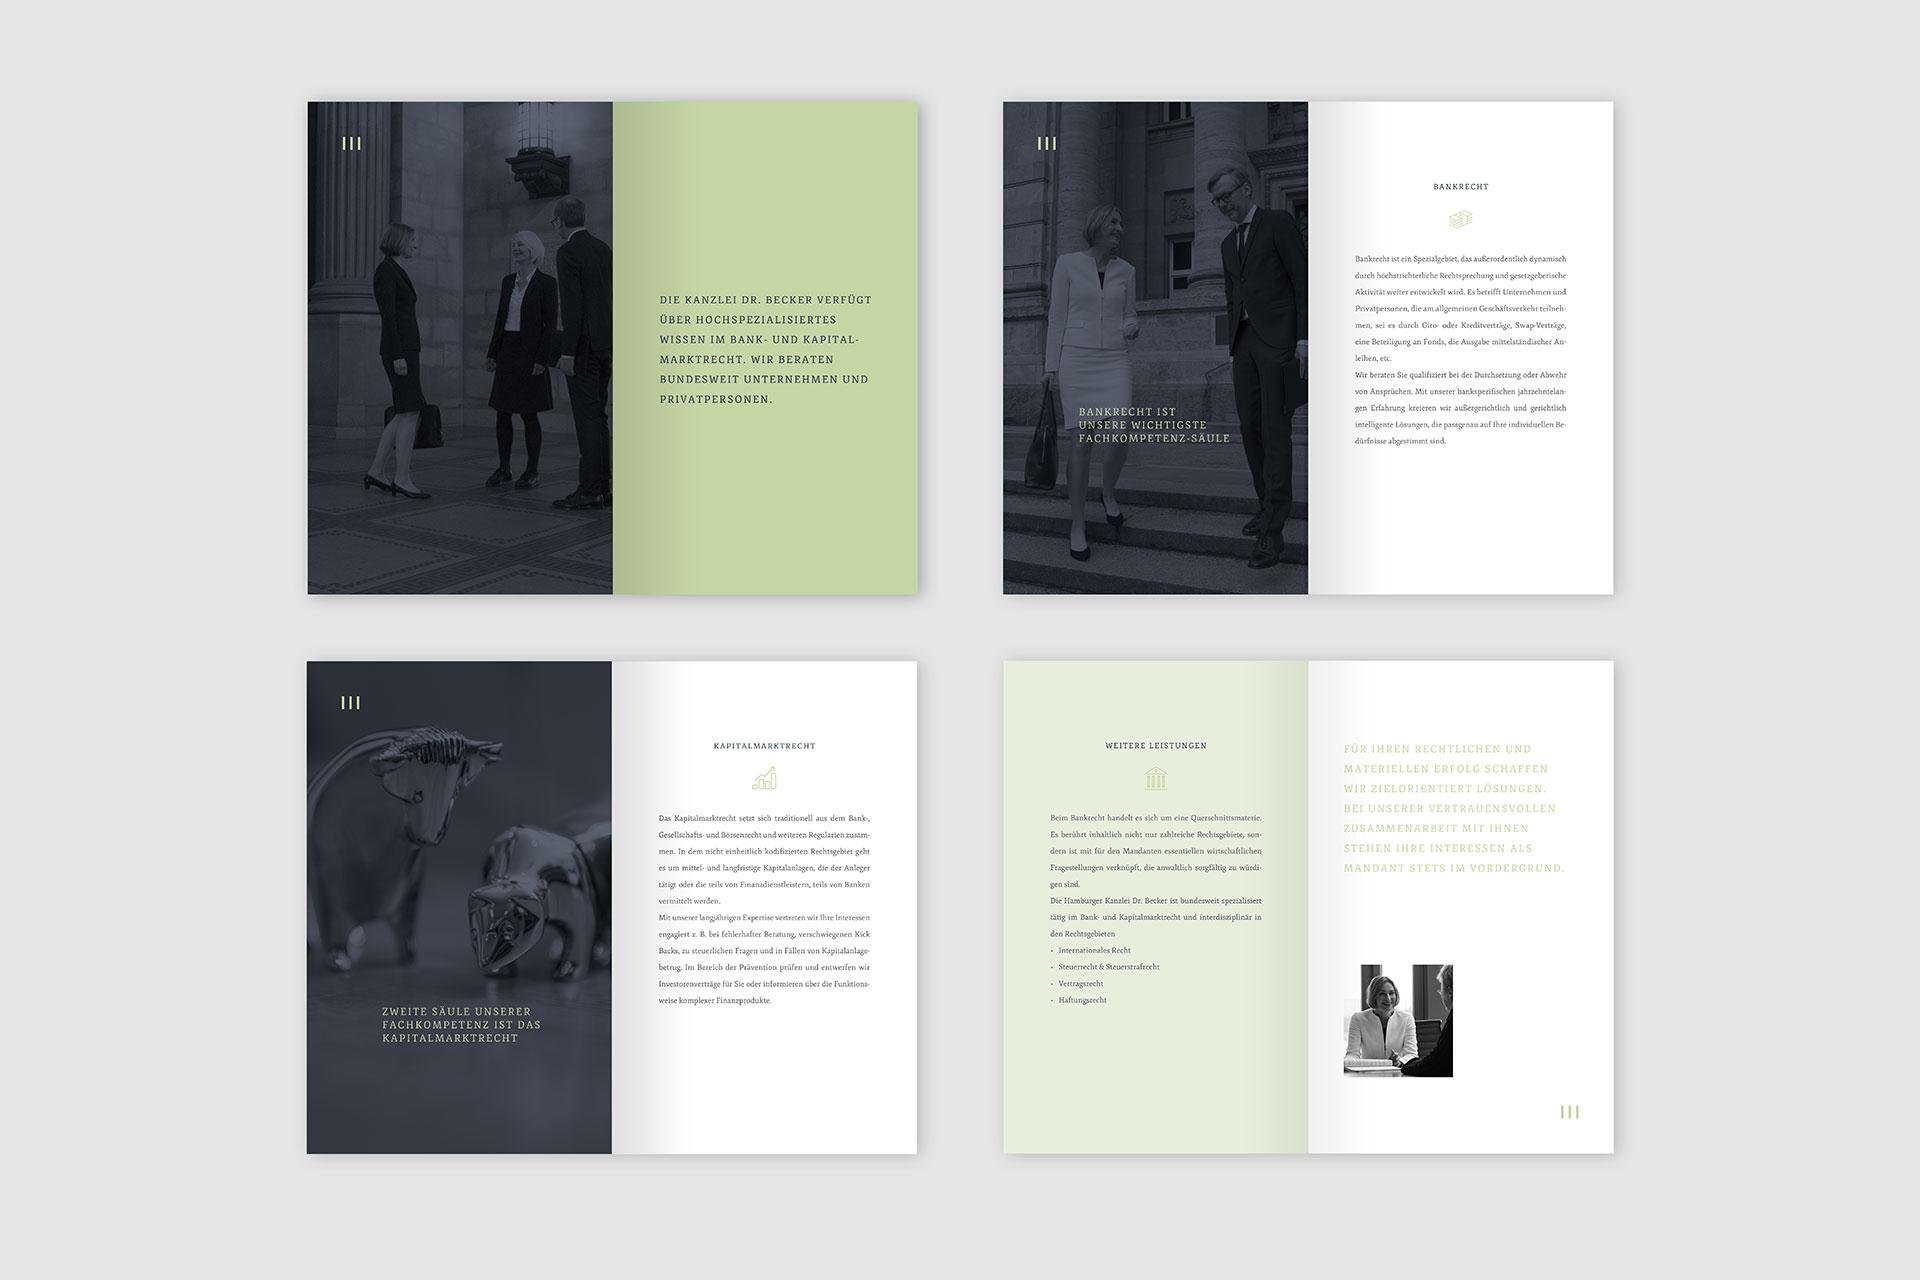 Corporate Design für Kanzlei Dr. Becker, Beispiel Broschürendesign